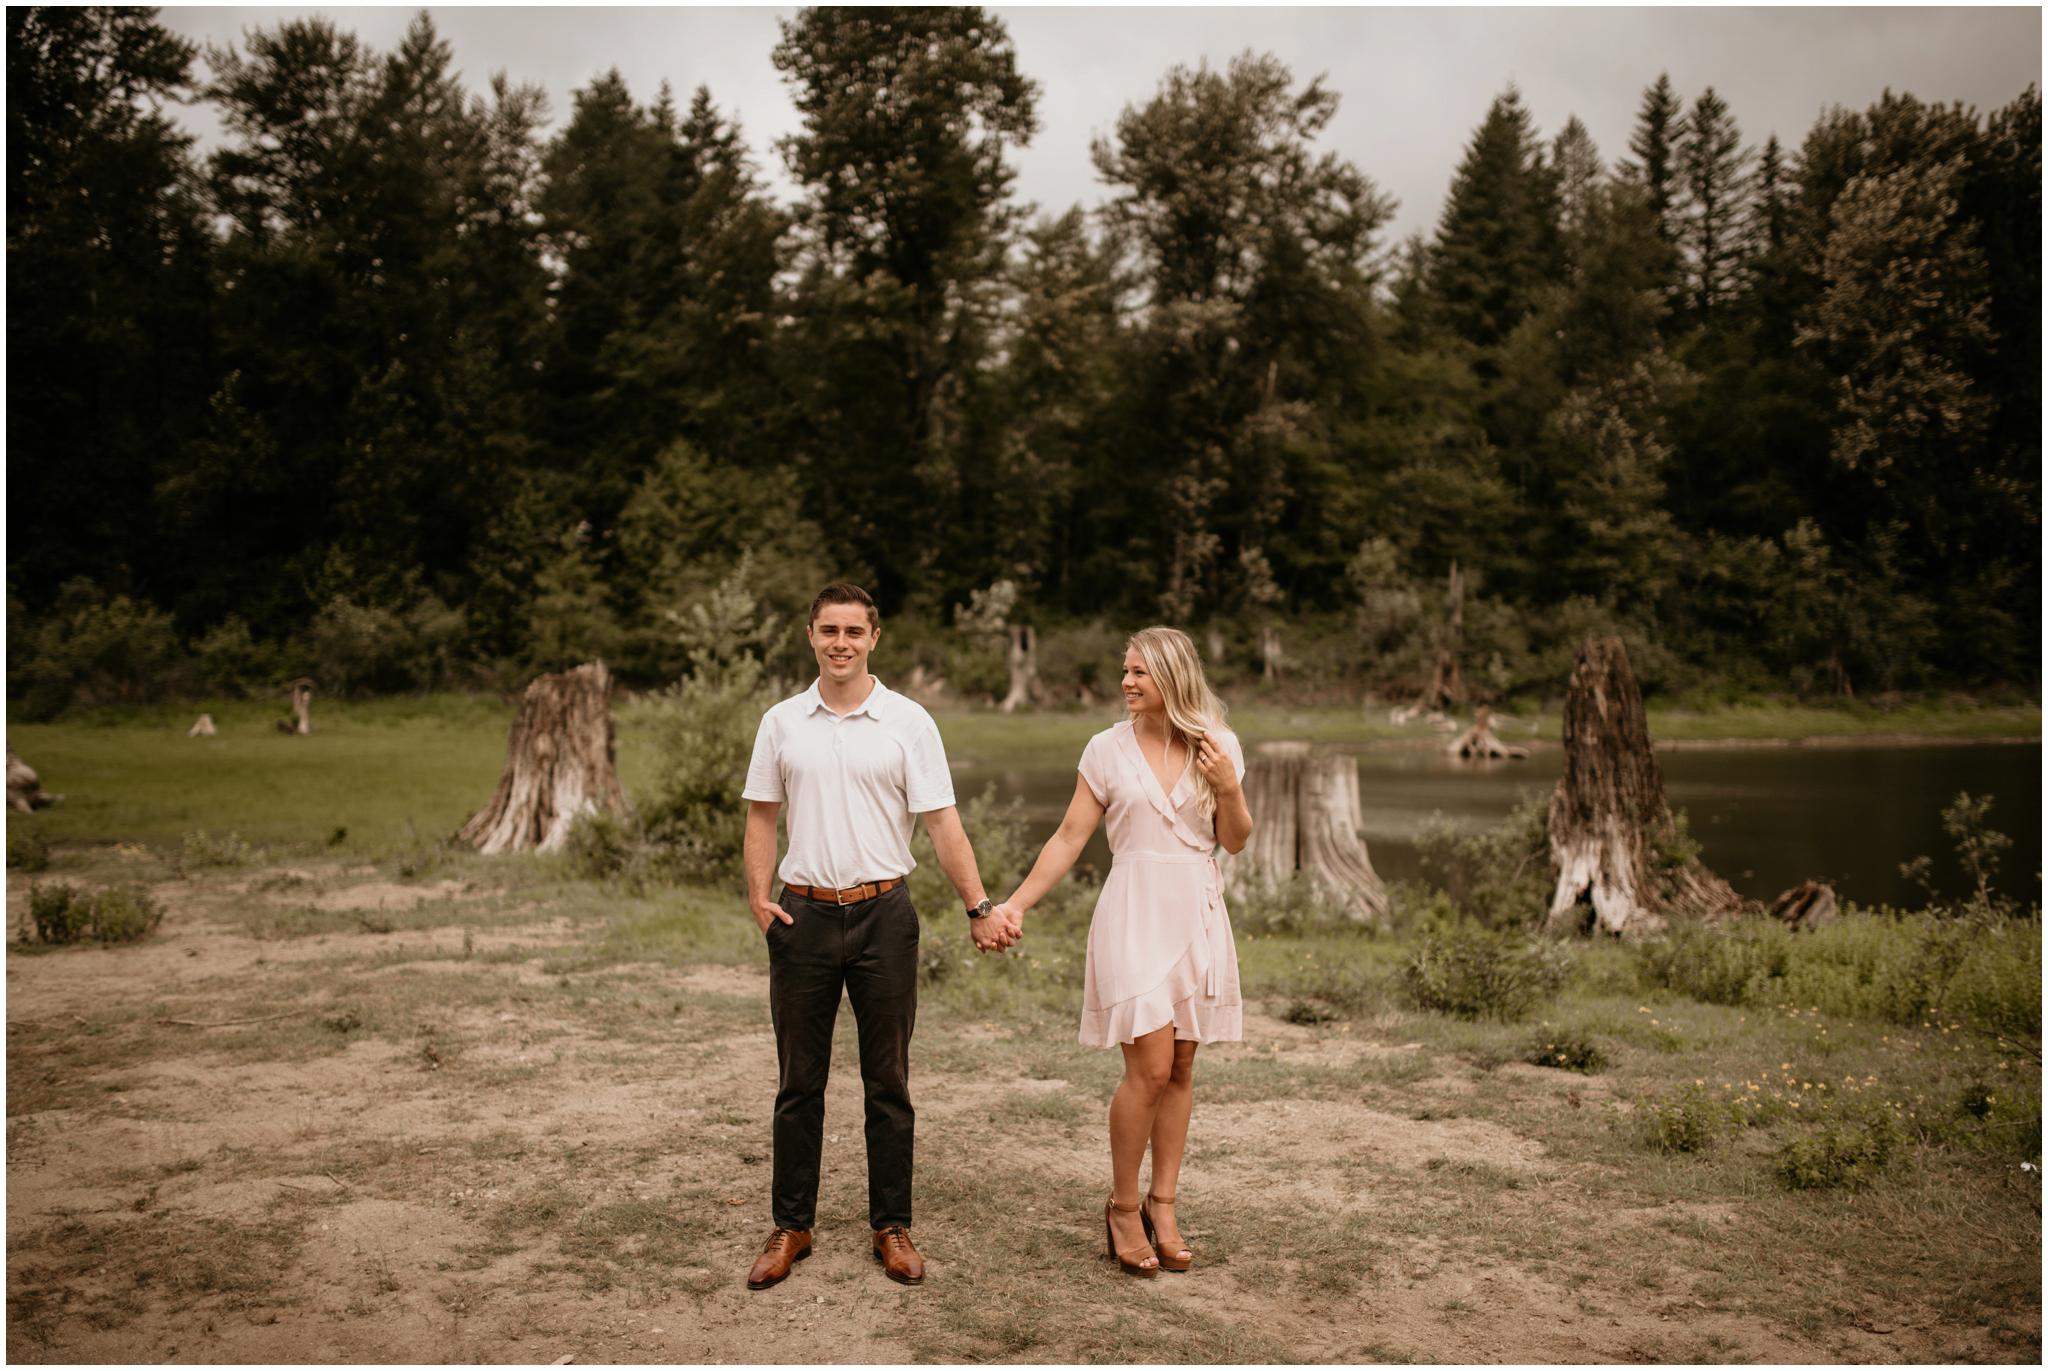 katie-nolan-rattlesnake-lake-engagement-session-seattle-wedding-photographer-005.jpg